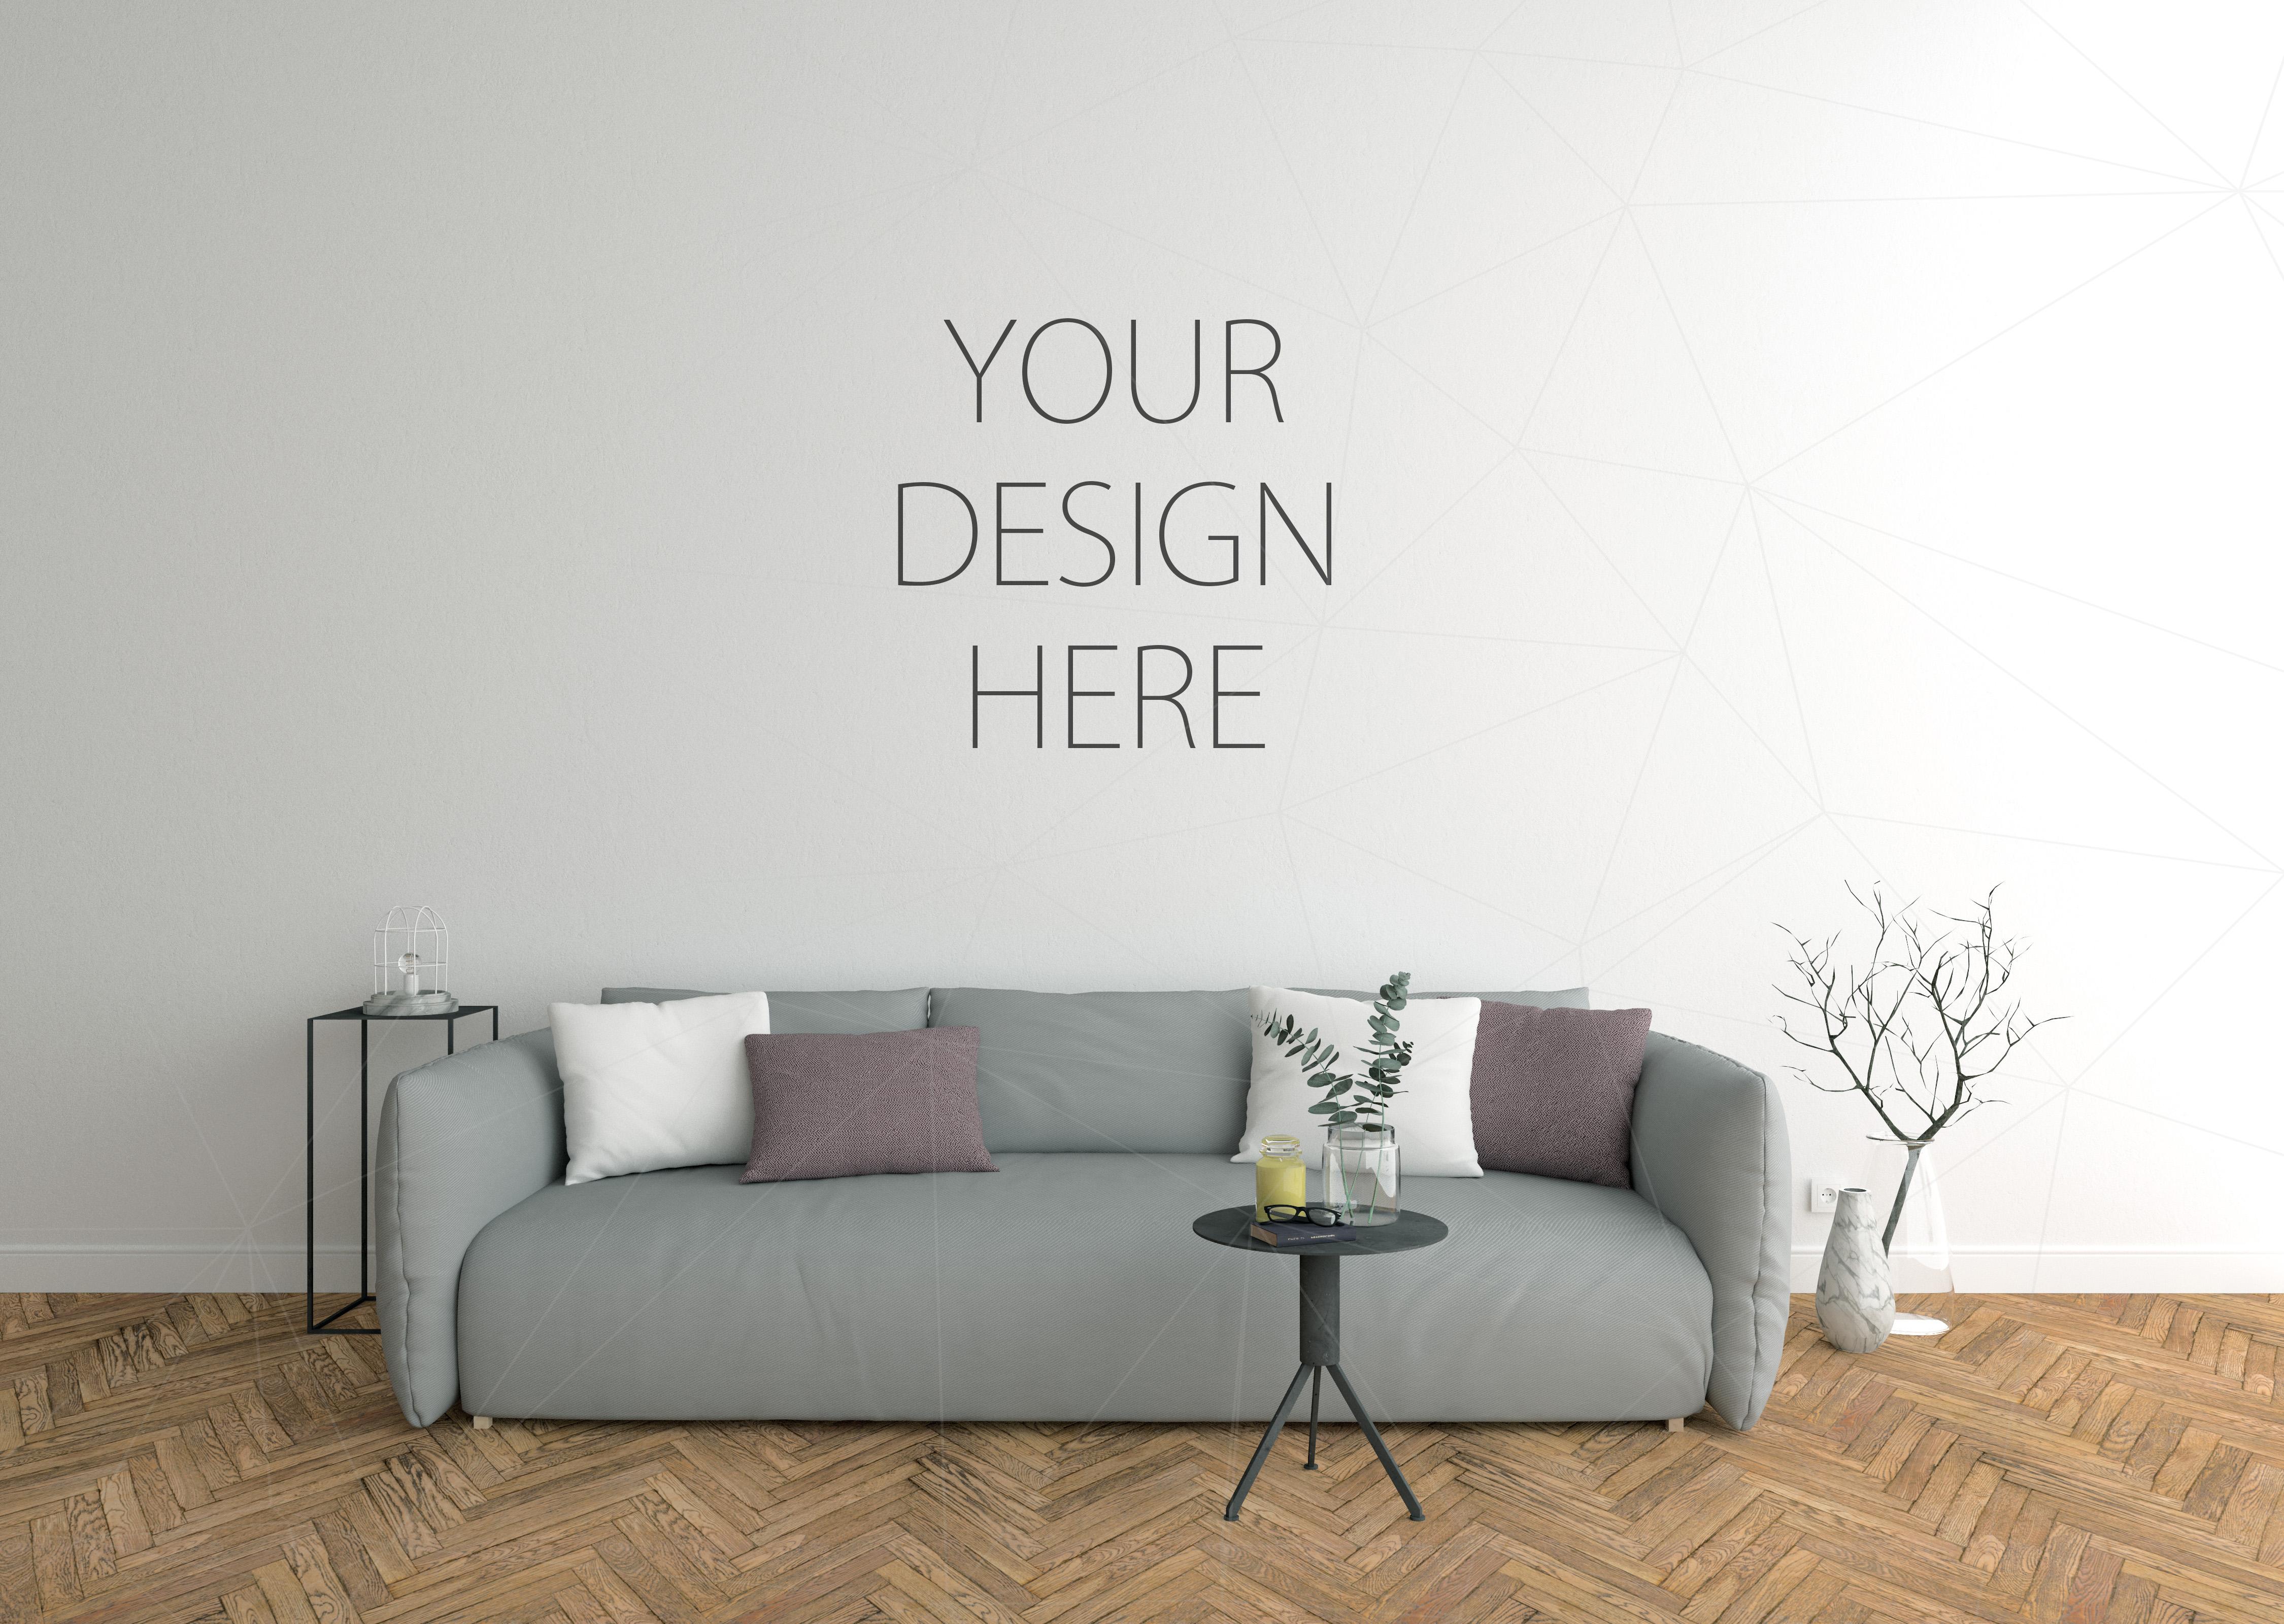 Interior mockup - blank wall mock up example image 1